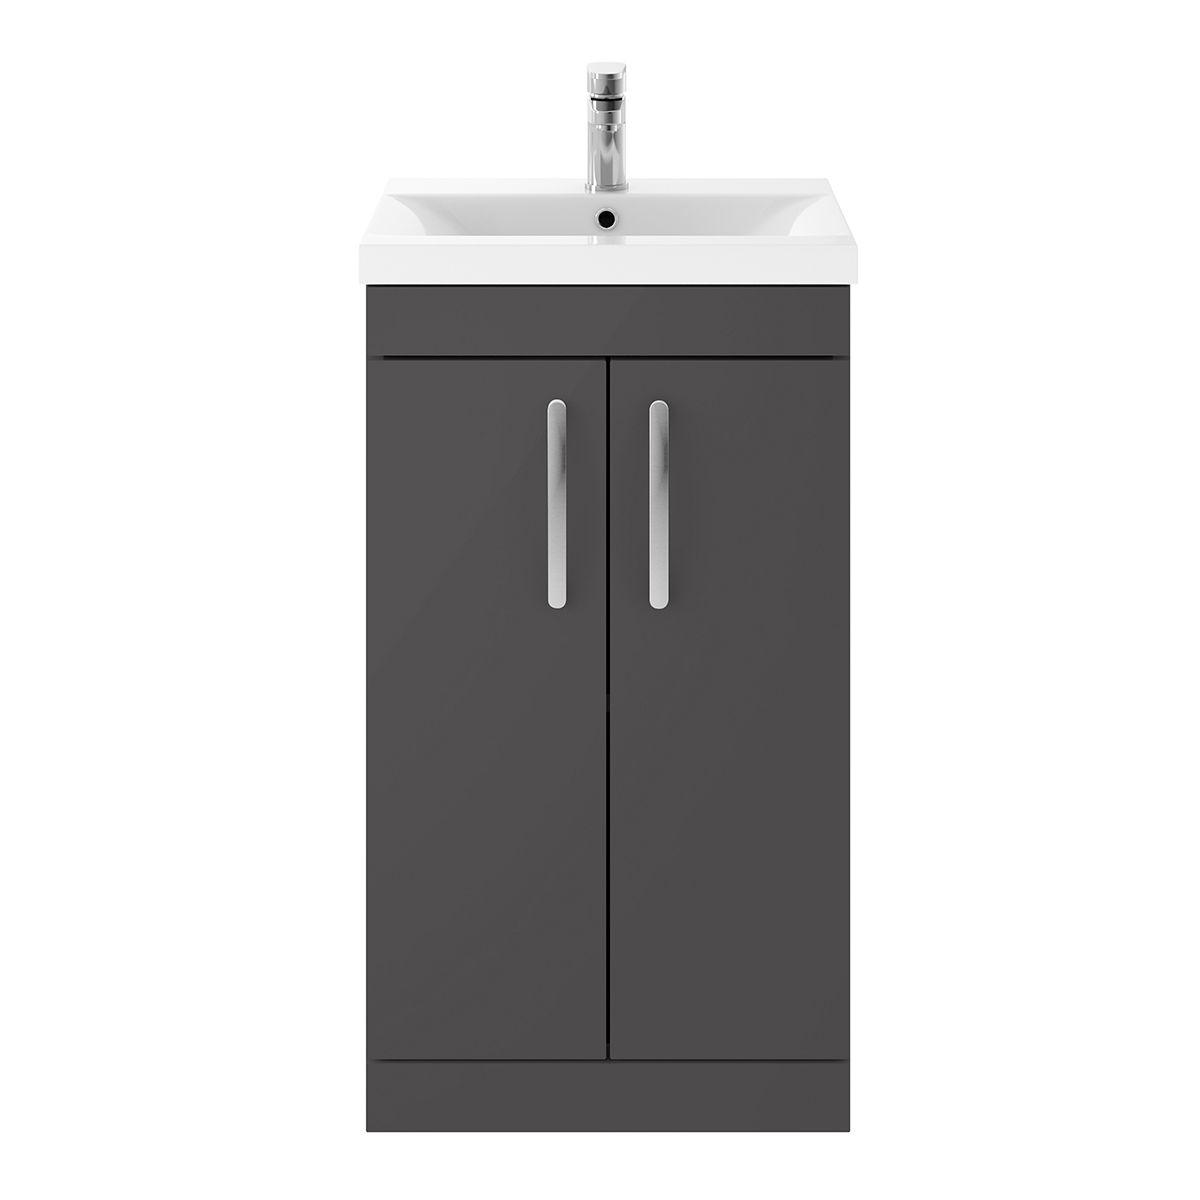 Nuie Athena Gloss Grey 2 Door Floor Standing Unit 500mm w/ Basin